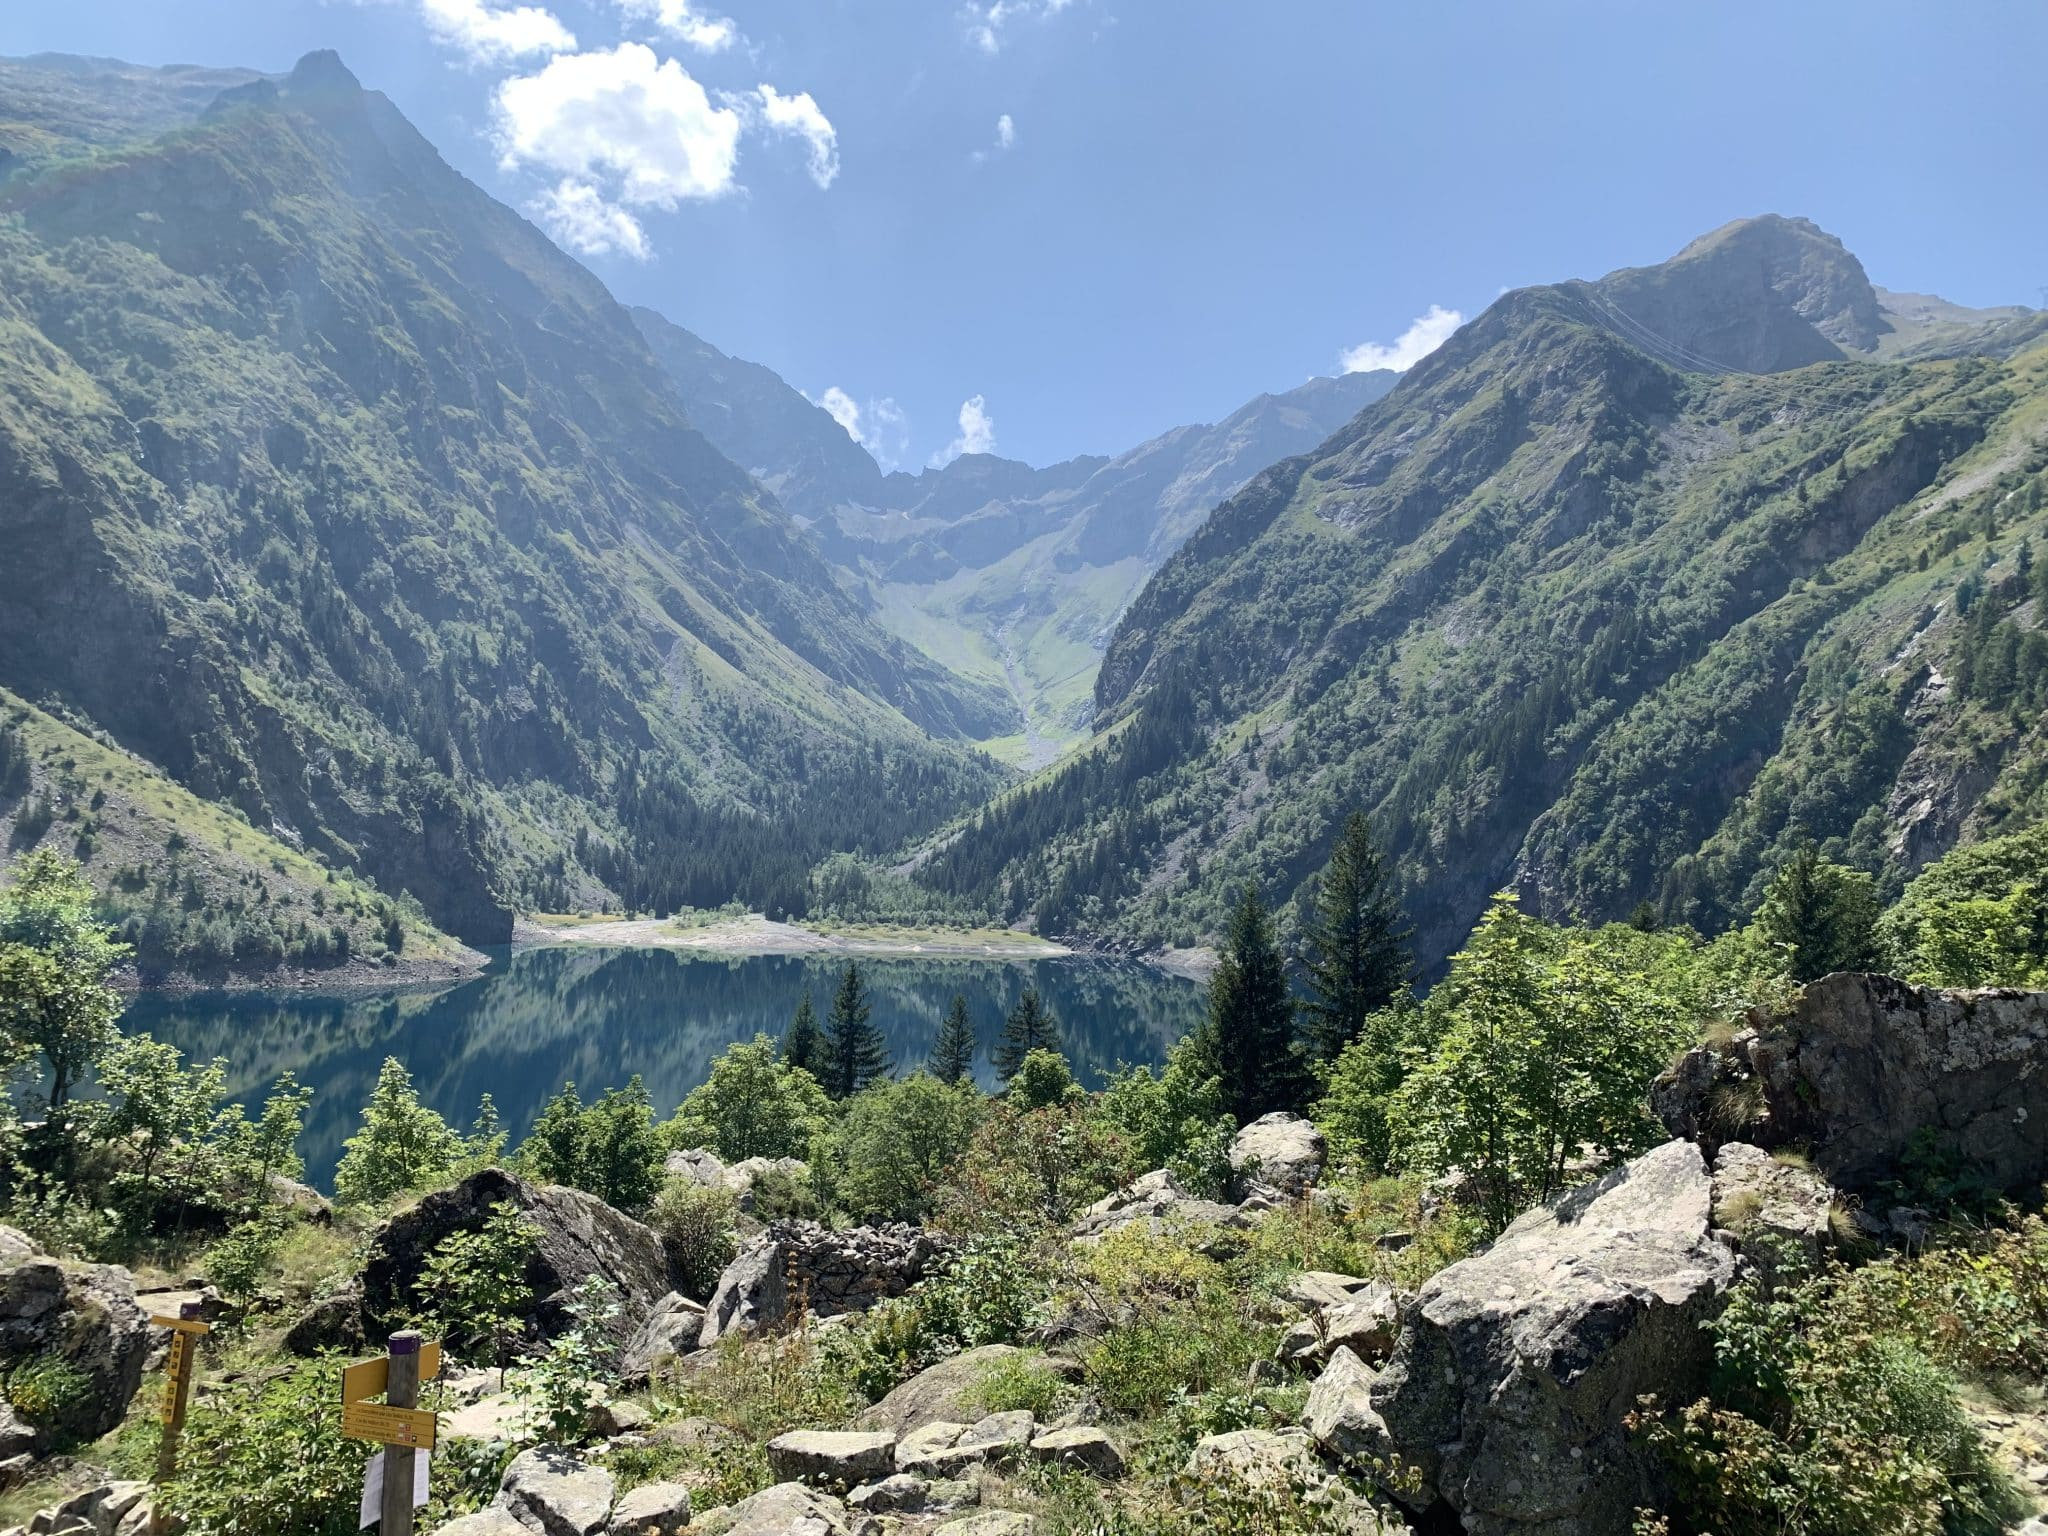 Randonnée : L'inoubliable lac Lauvitel en Isère